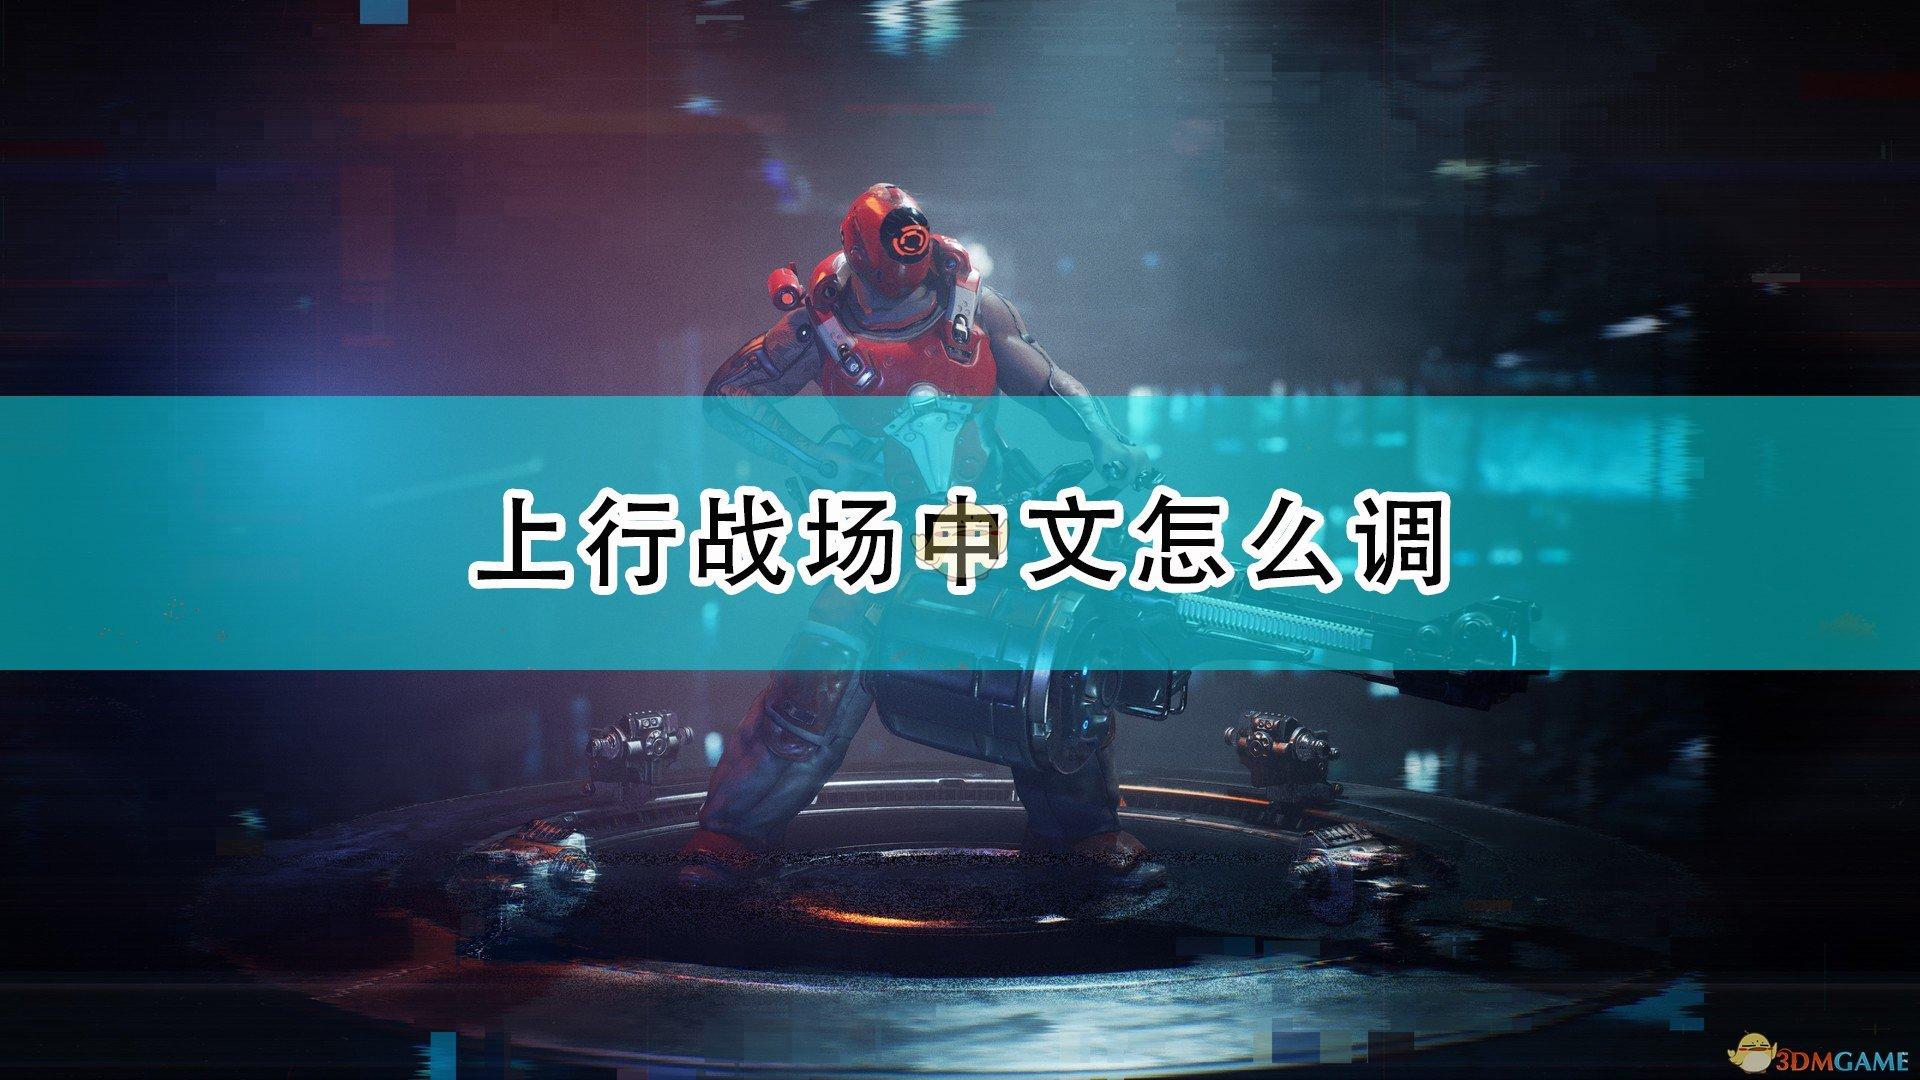 《上行战场》设置中文方法介绍